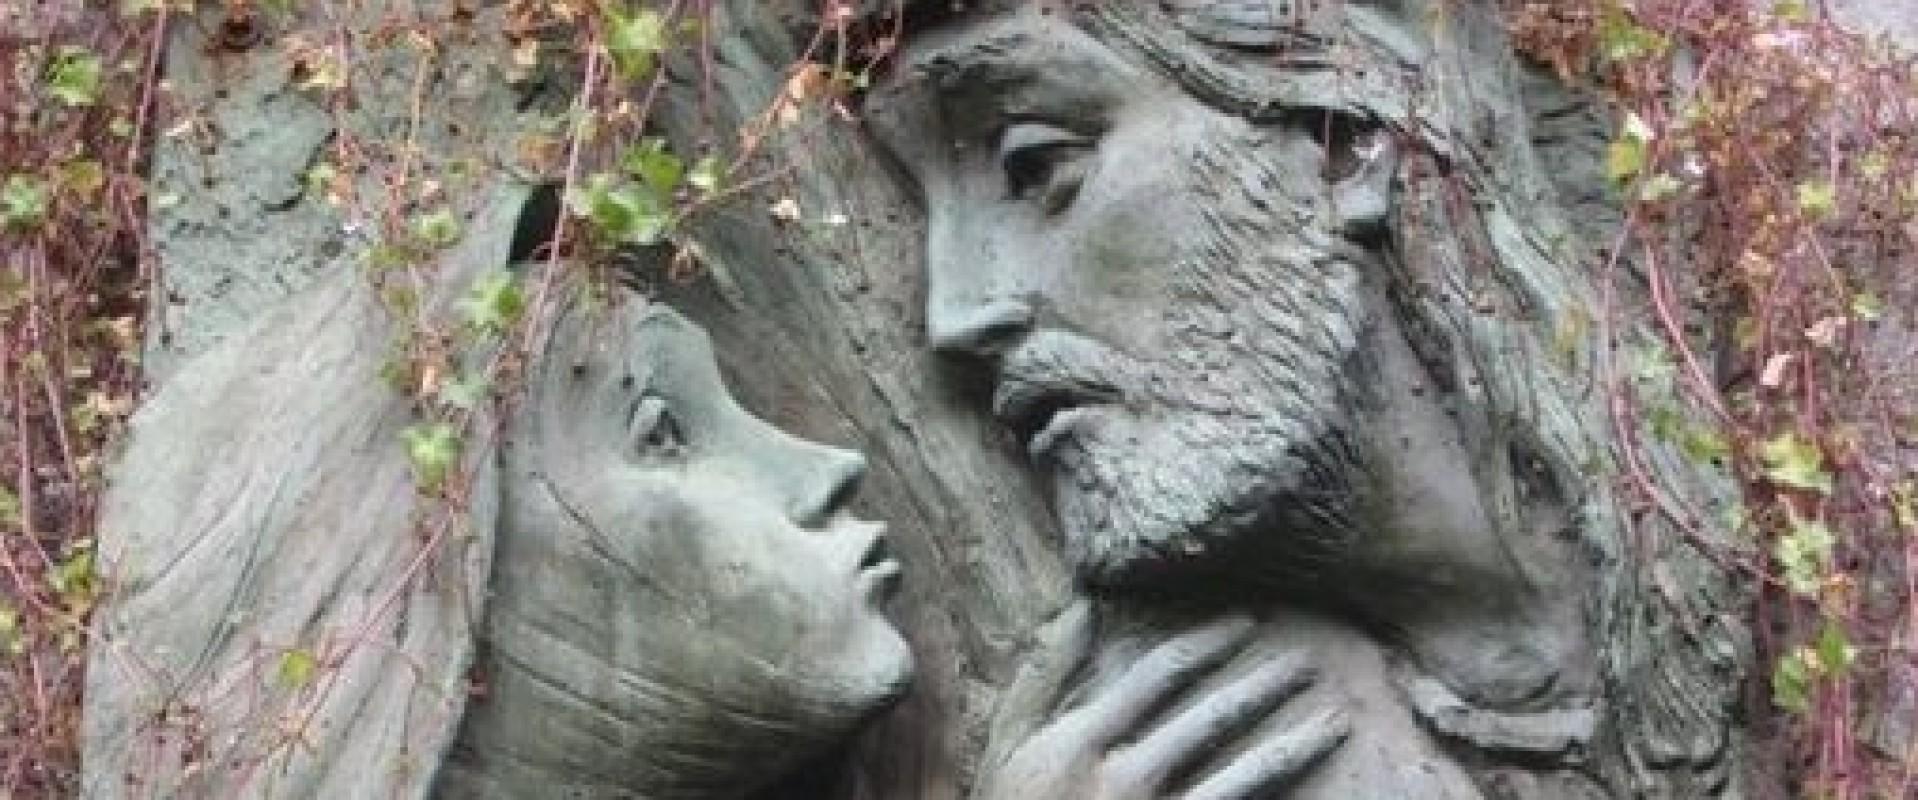 OPENBARING VAN MARIA MAGDALENA EN JEZUS OVER ANGSTEN EN DOODSANGSTEN IN CORONA-TIJD